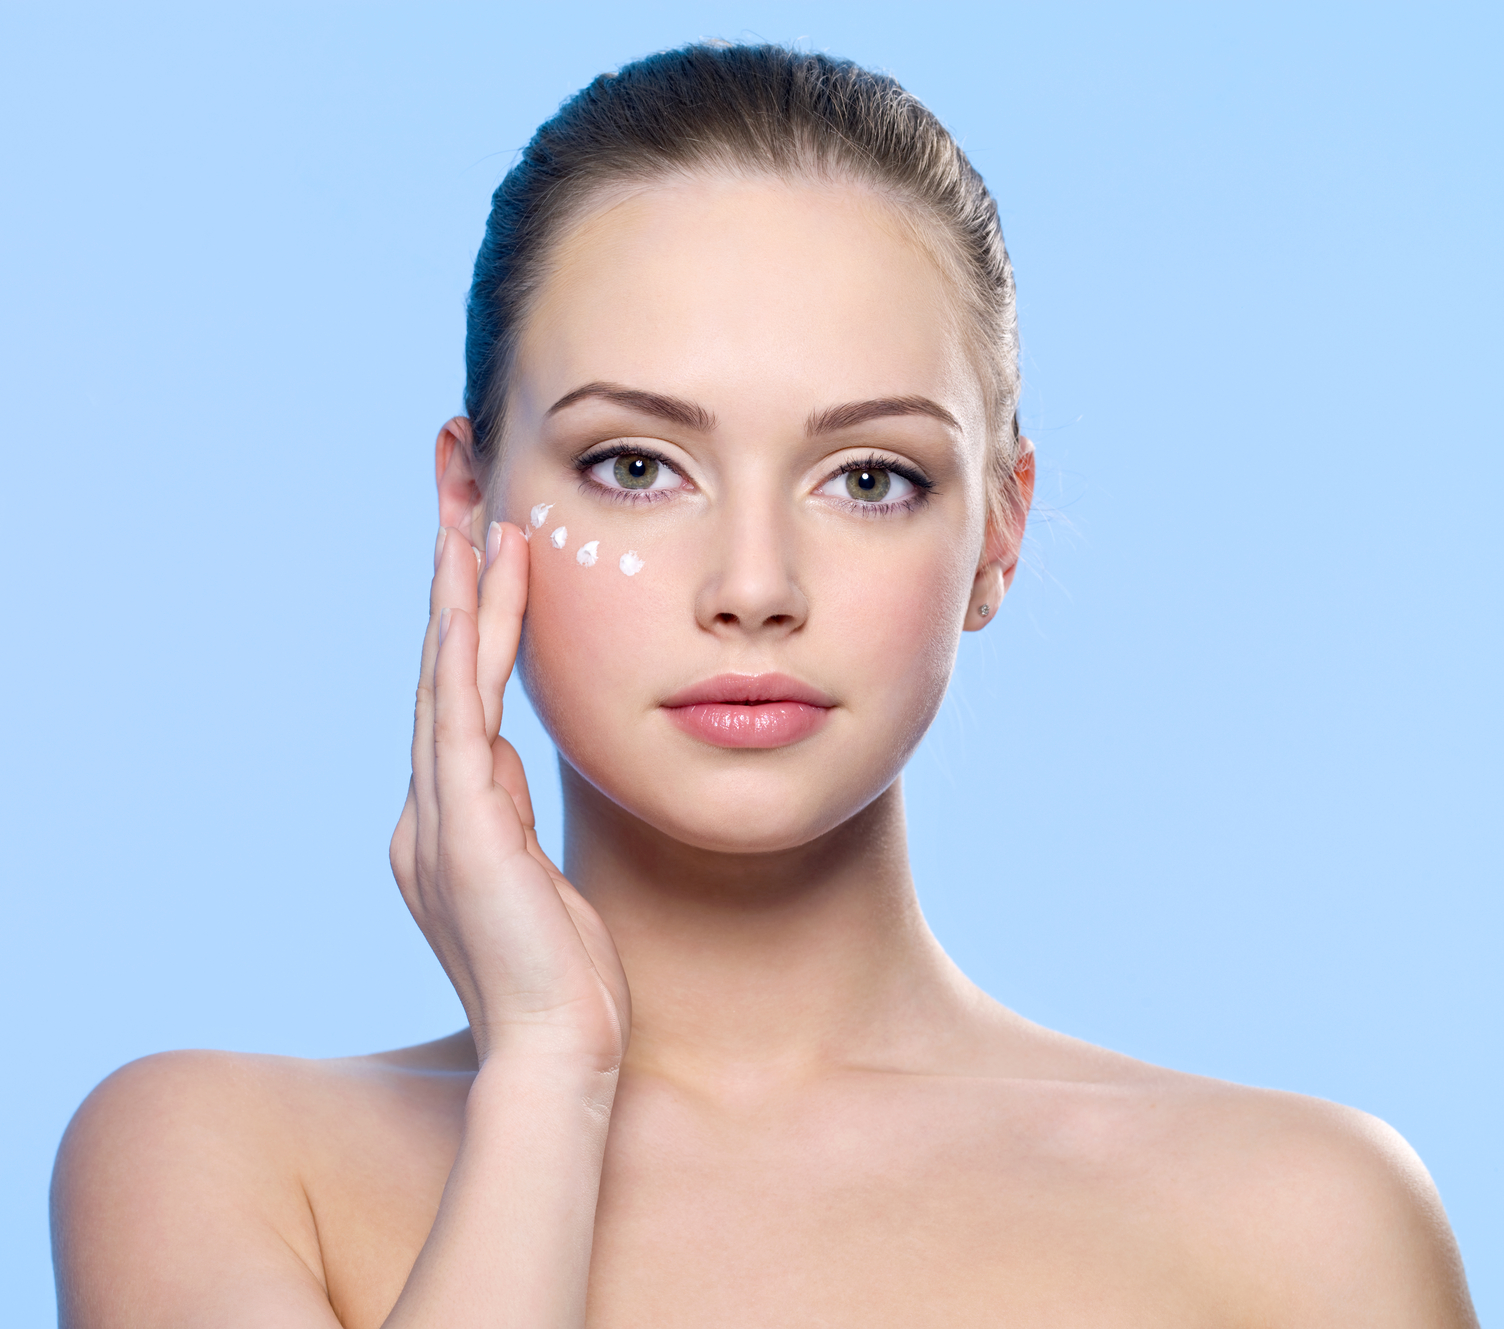 мешки под глазами аллергия лечение препараты